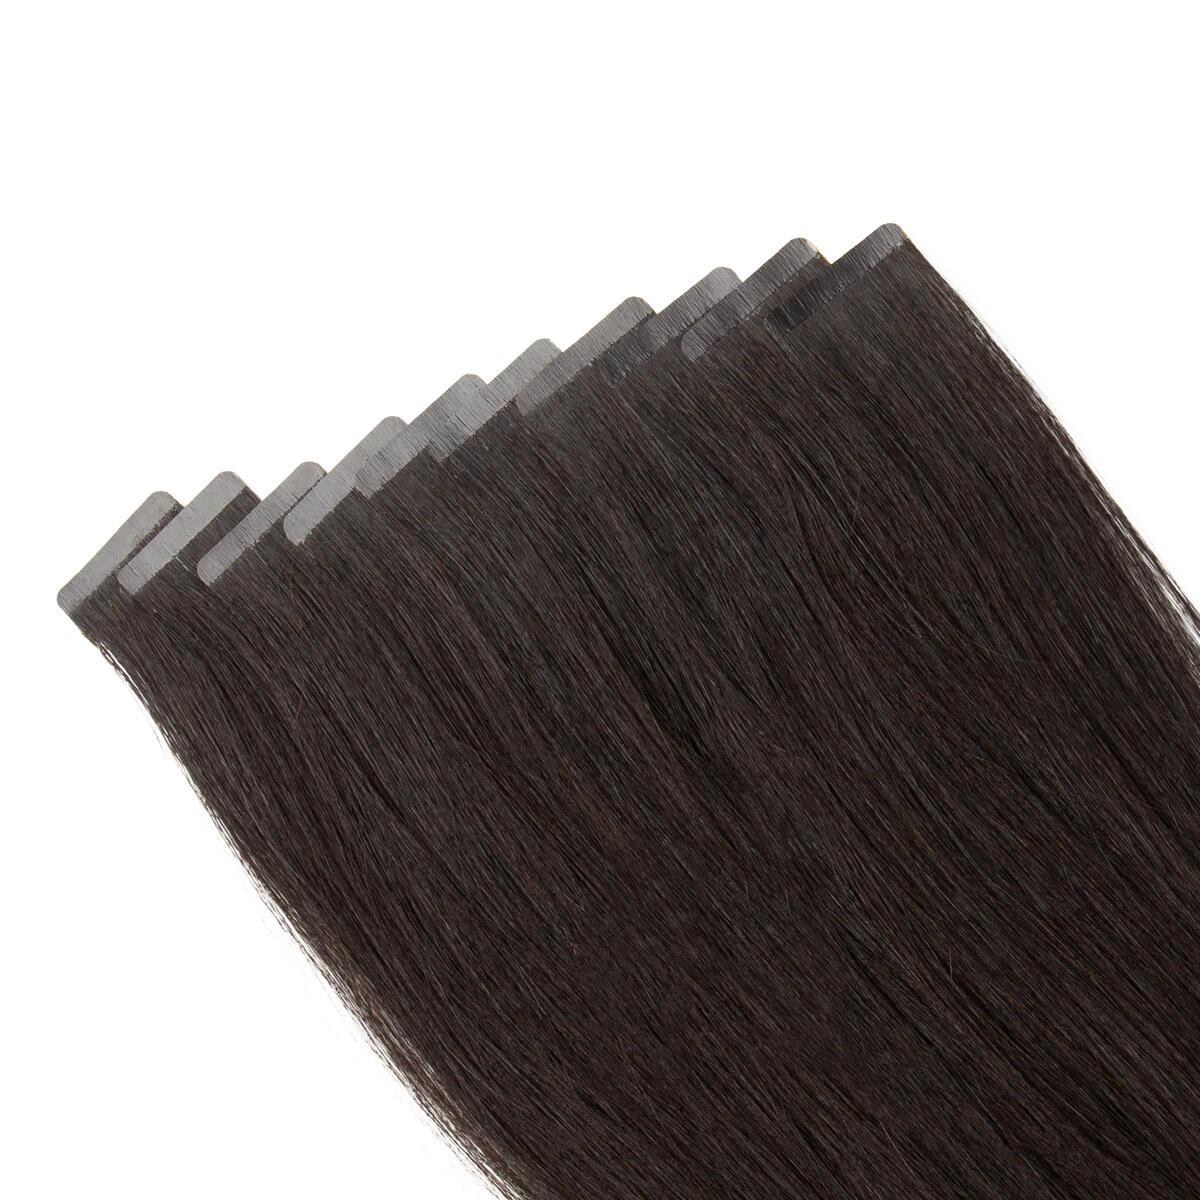 Sleek Tape Extension 1.2 Black Brown 25 cm